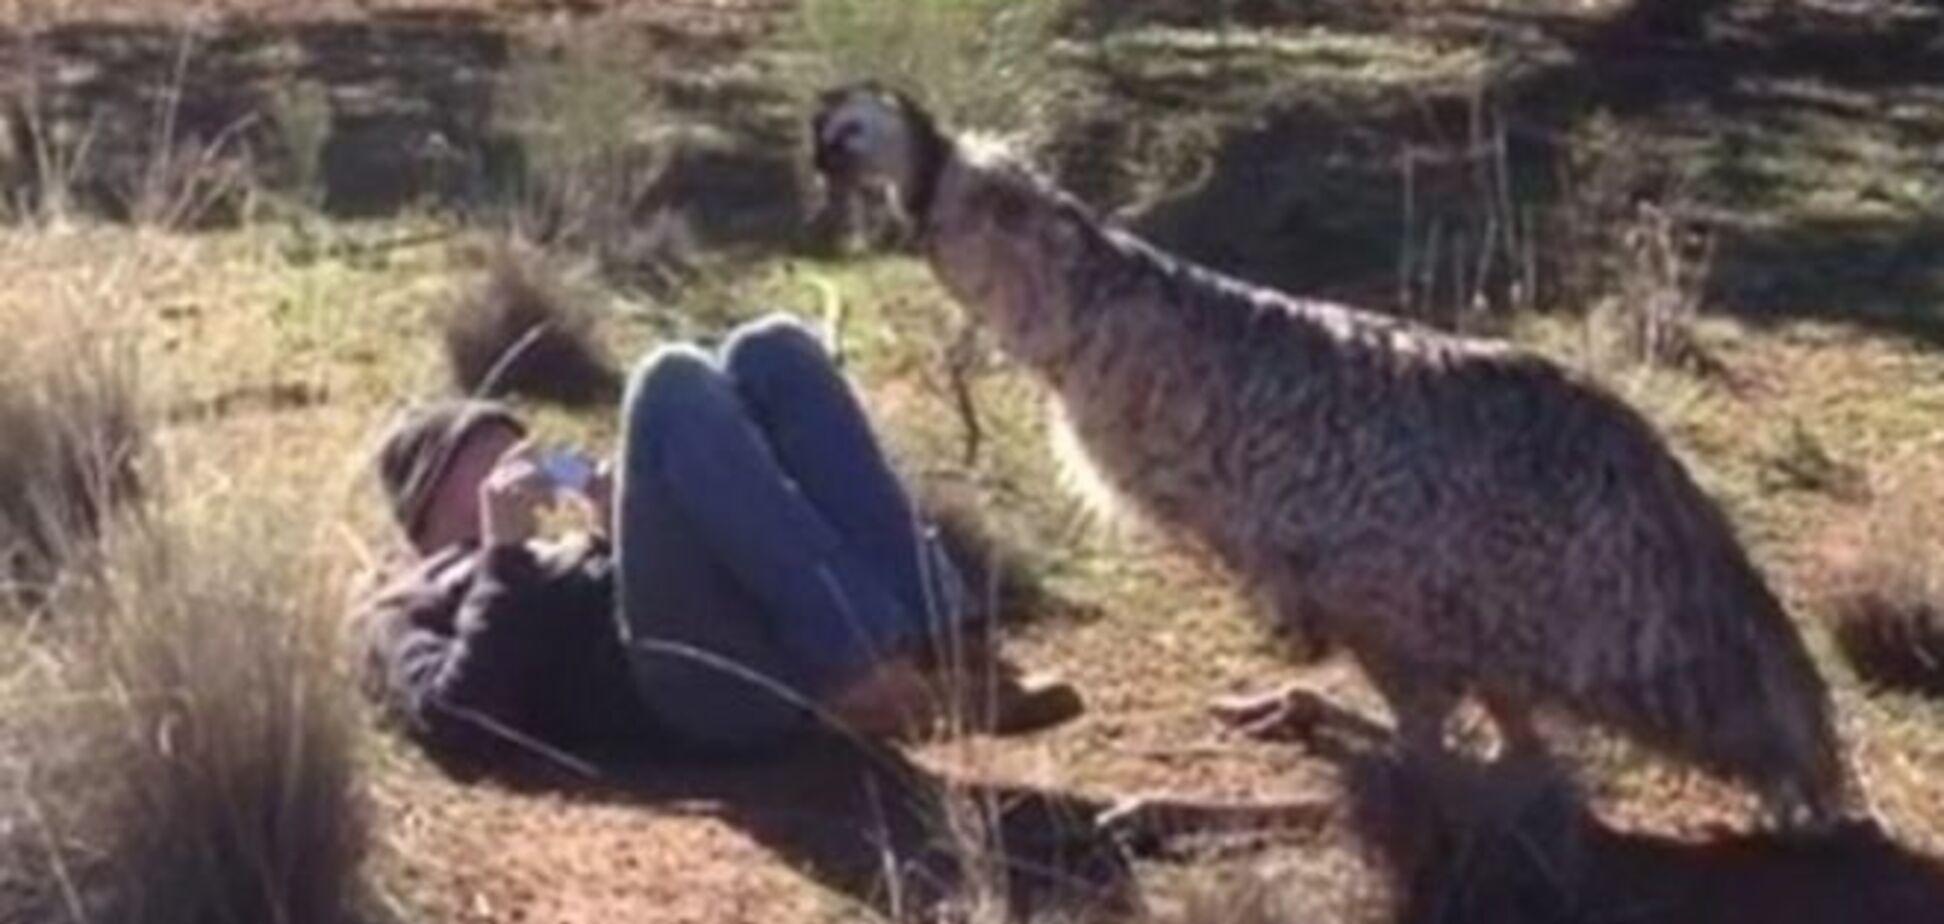 'Він в тебе закохався!': Американського туриста спробував зґвалтувати страус ему